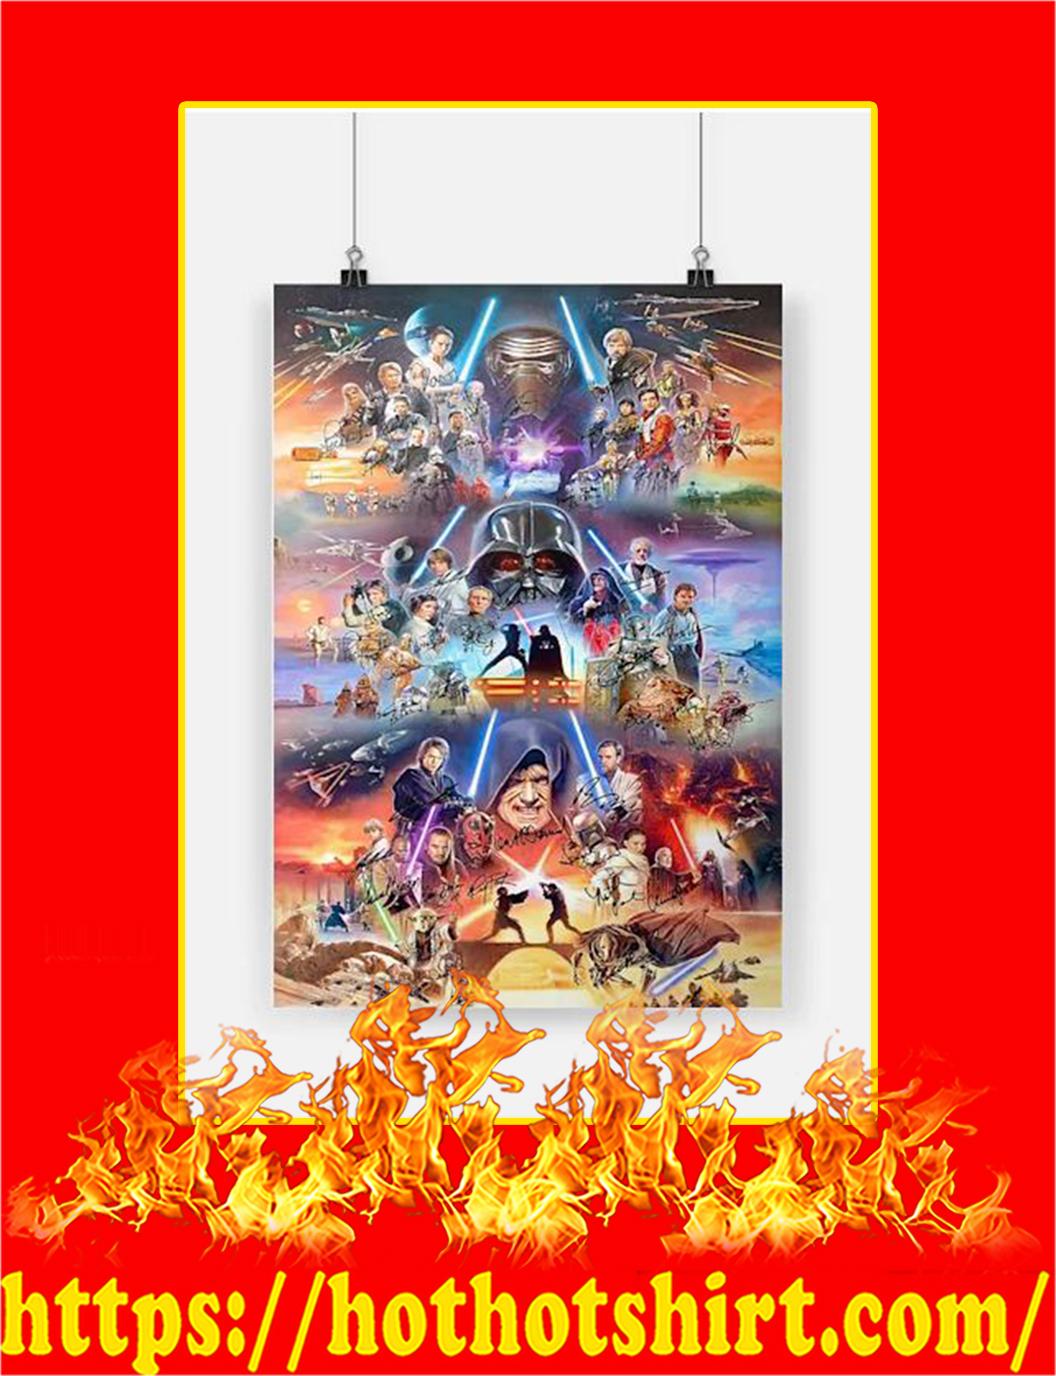 Star War Signature Poster - A3